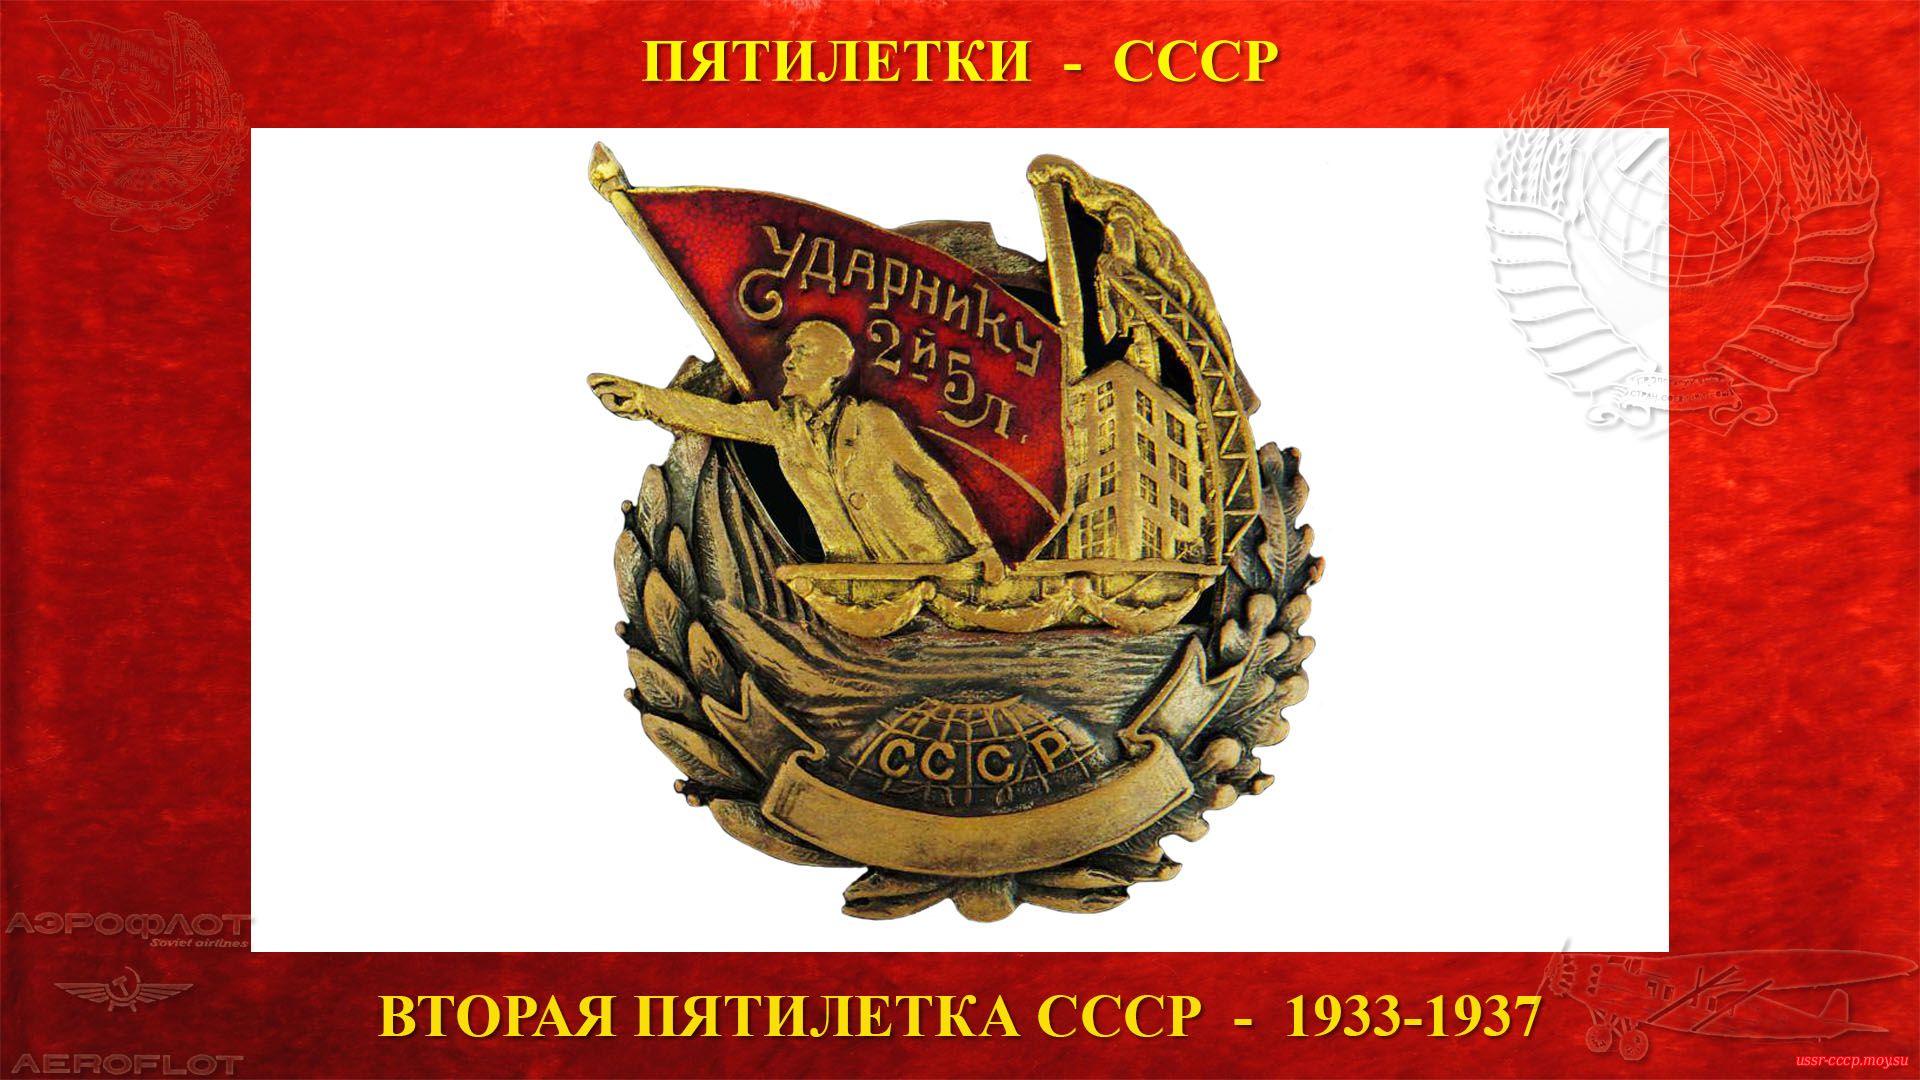 Вторая пятилетка— Пятилетка коллективизации— План развития народного хозяйства СССР (1933—1937)